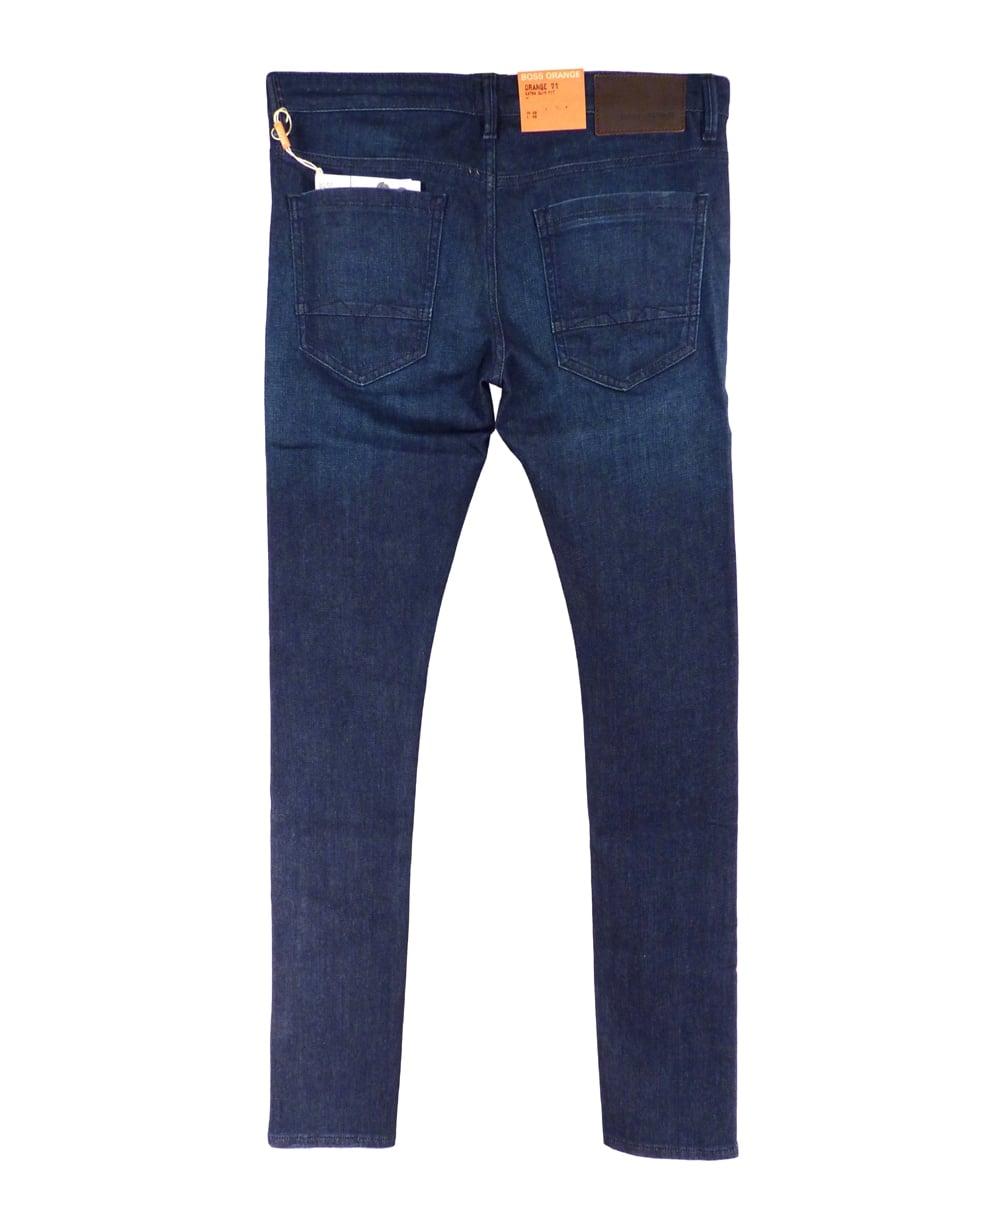 hugo boss 39 orange 71 blues 39 extra slim fit jeans hugo. Black Bedroom Furniture Sets. Home Design Ideas